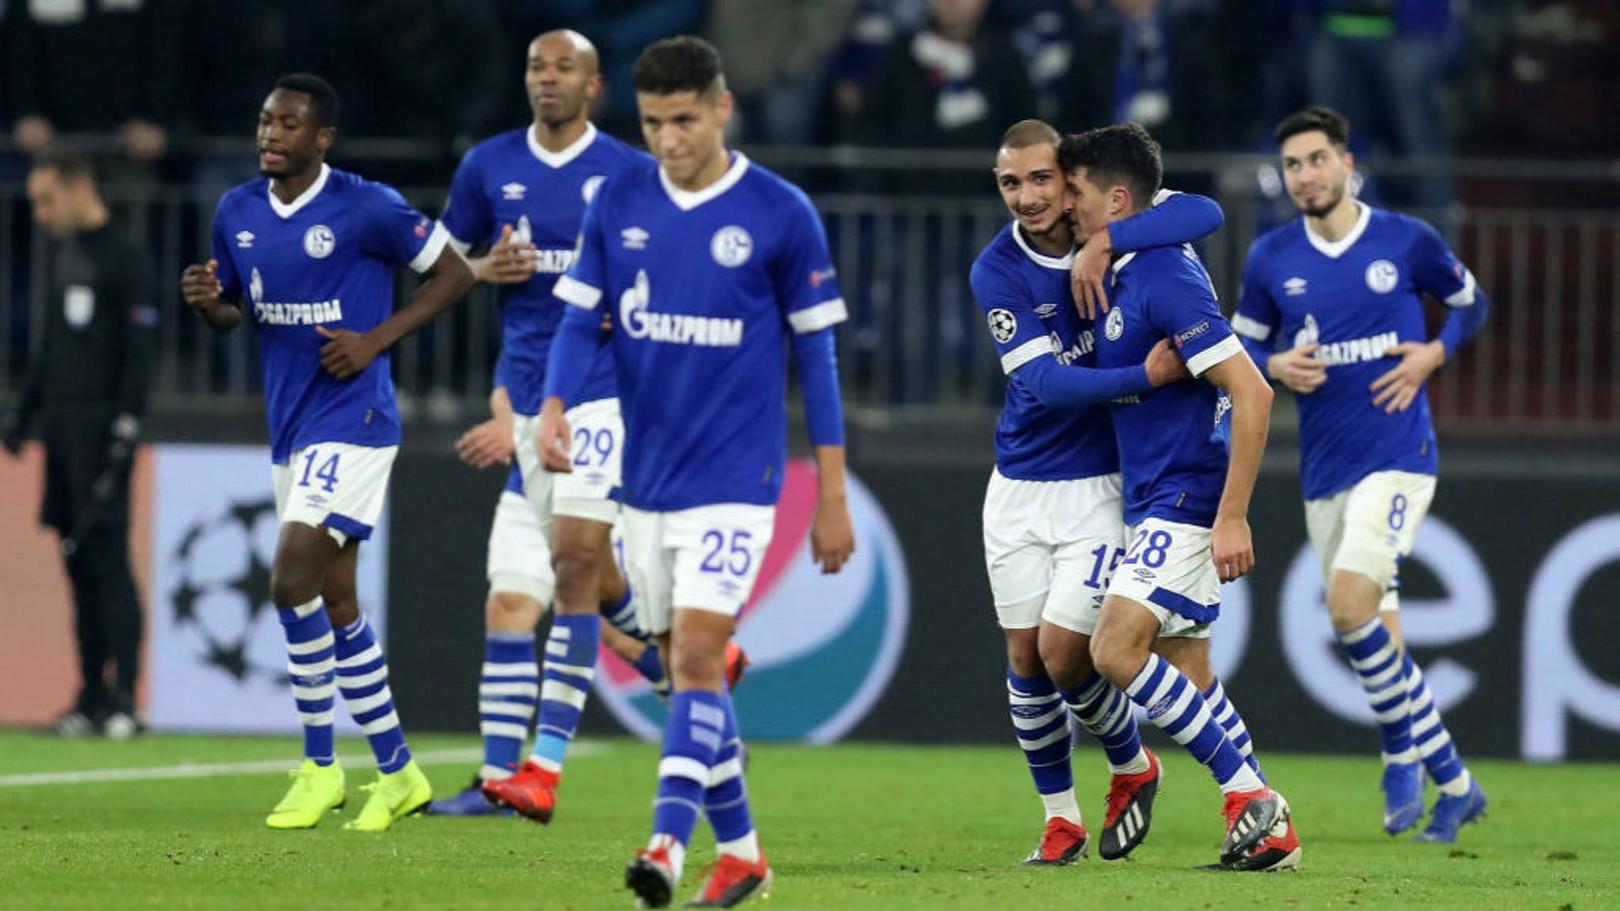 ROUND OF 16: FC Schalke.